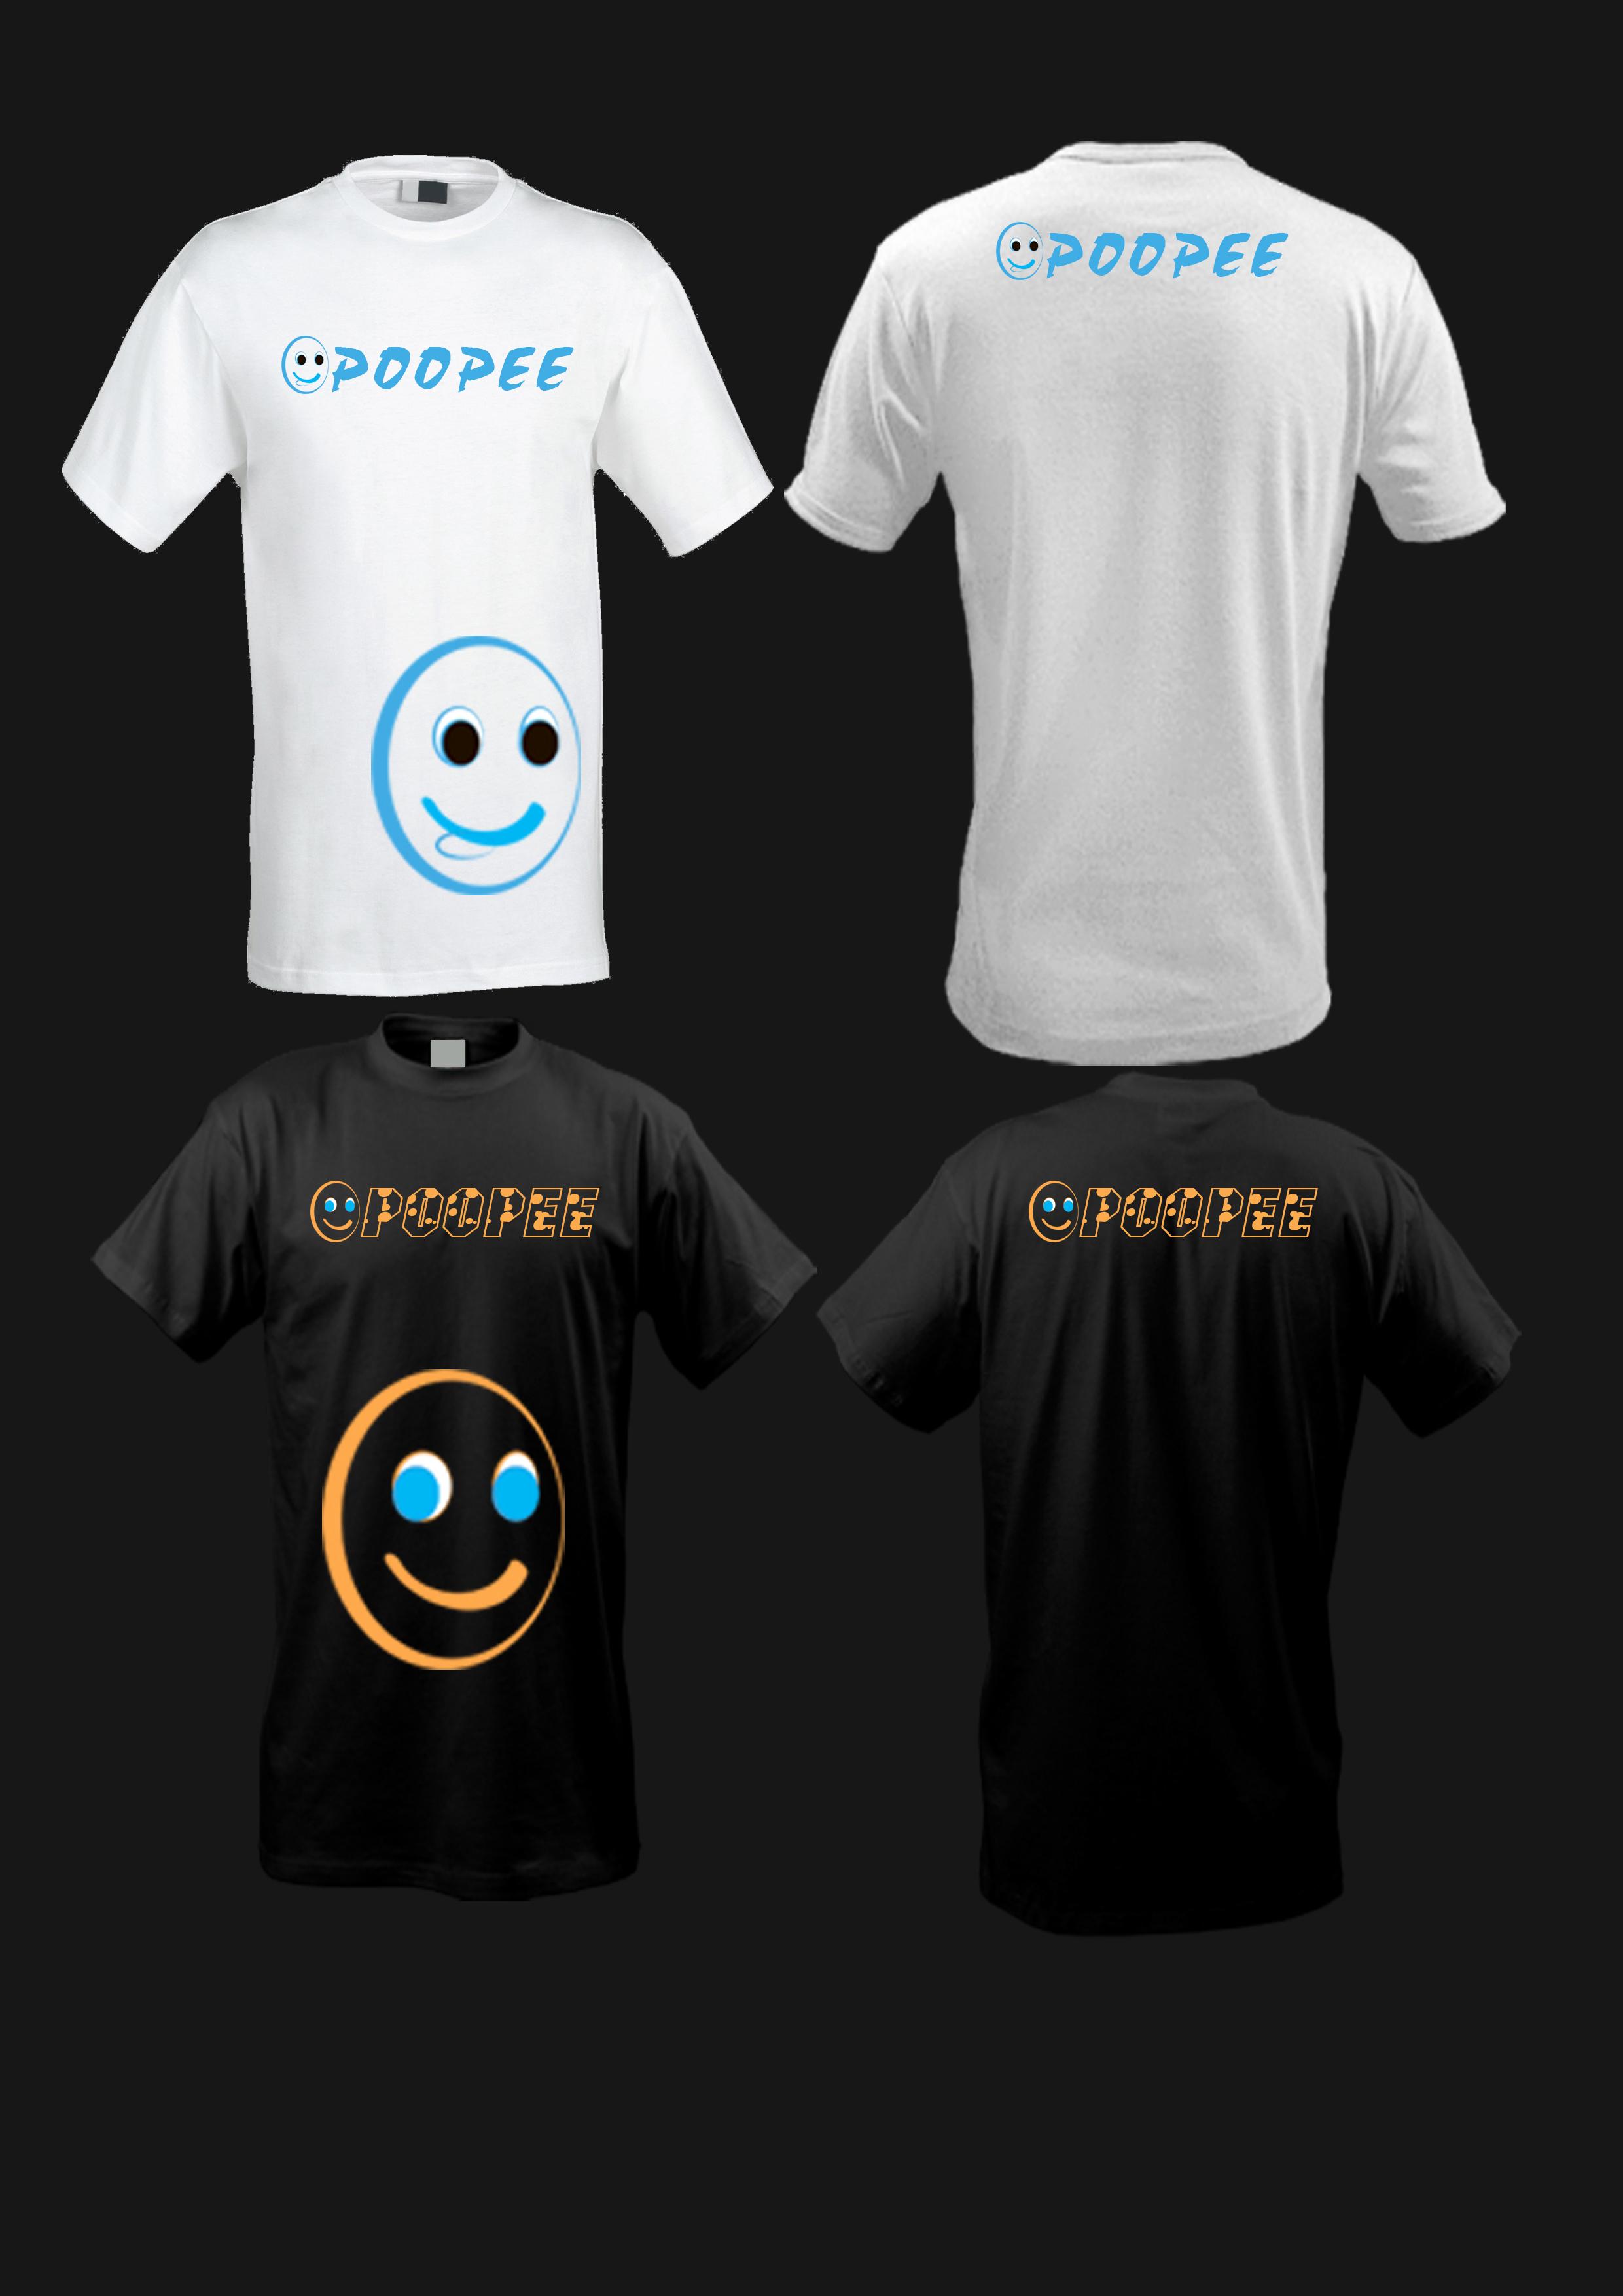 Разработка элементов фирменного стиля, логотипа и гайдлайна  фото f_0135ad4afacb6e5c.jpg